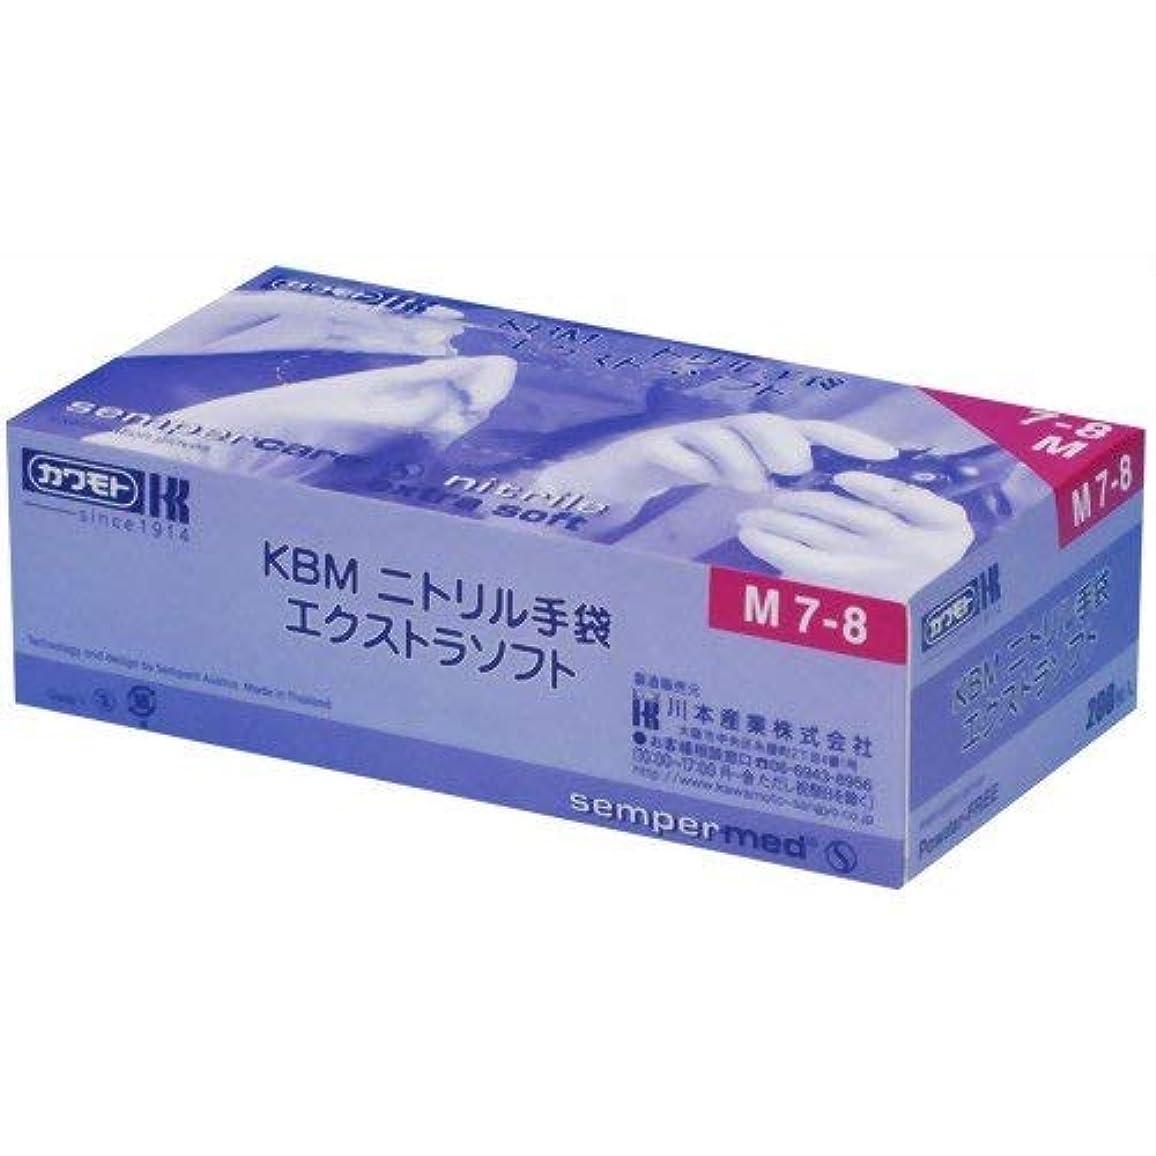 葡萄インターネット話をする川本産業 KBMニトリル手袋 エクストラソフト S 200枚入 × 48個セット